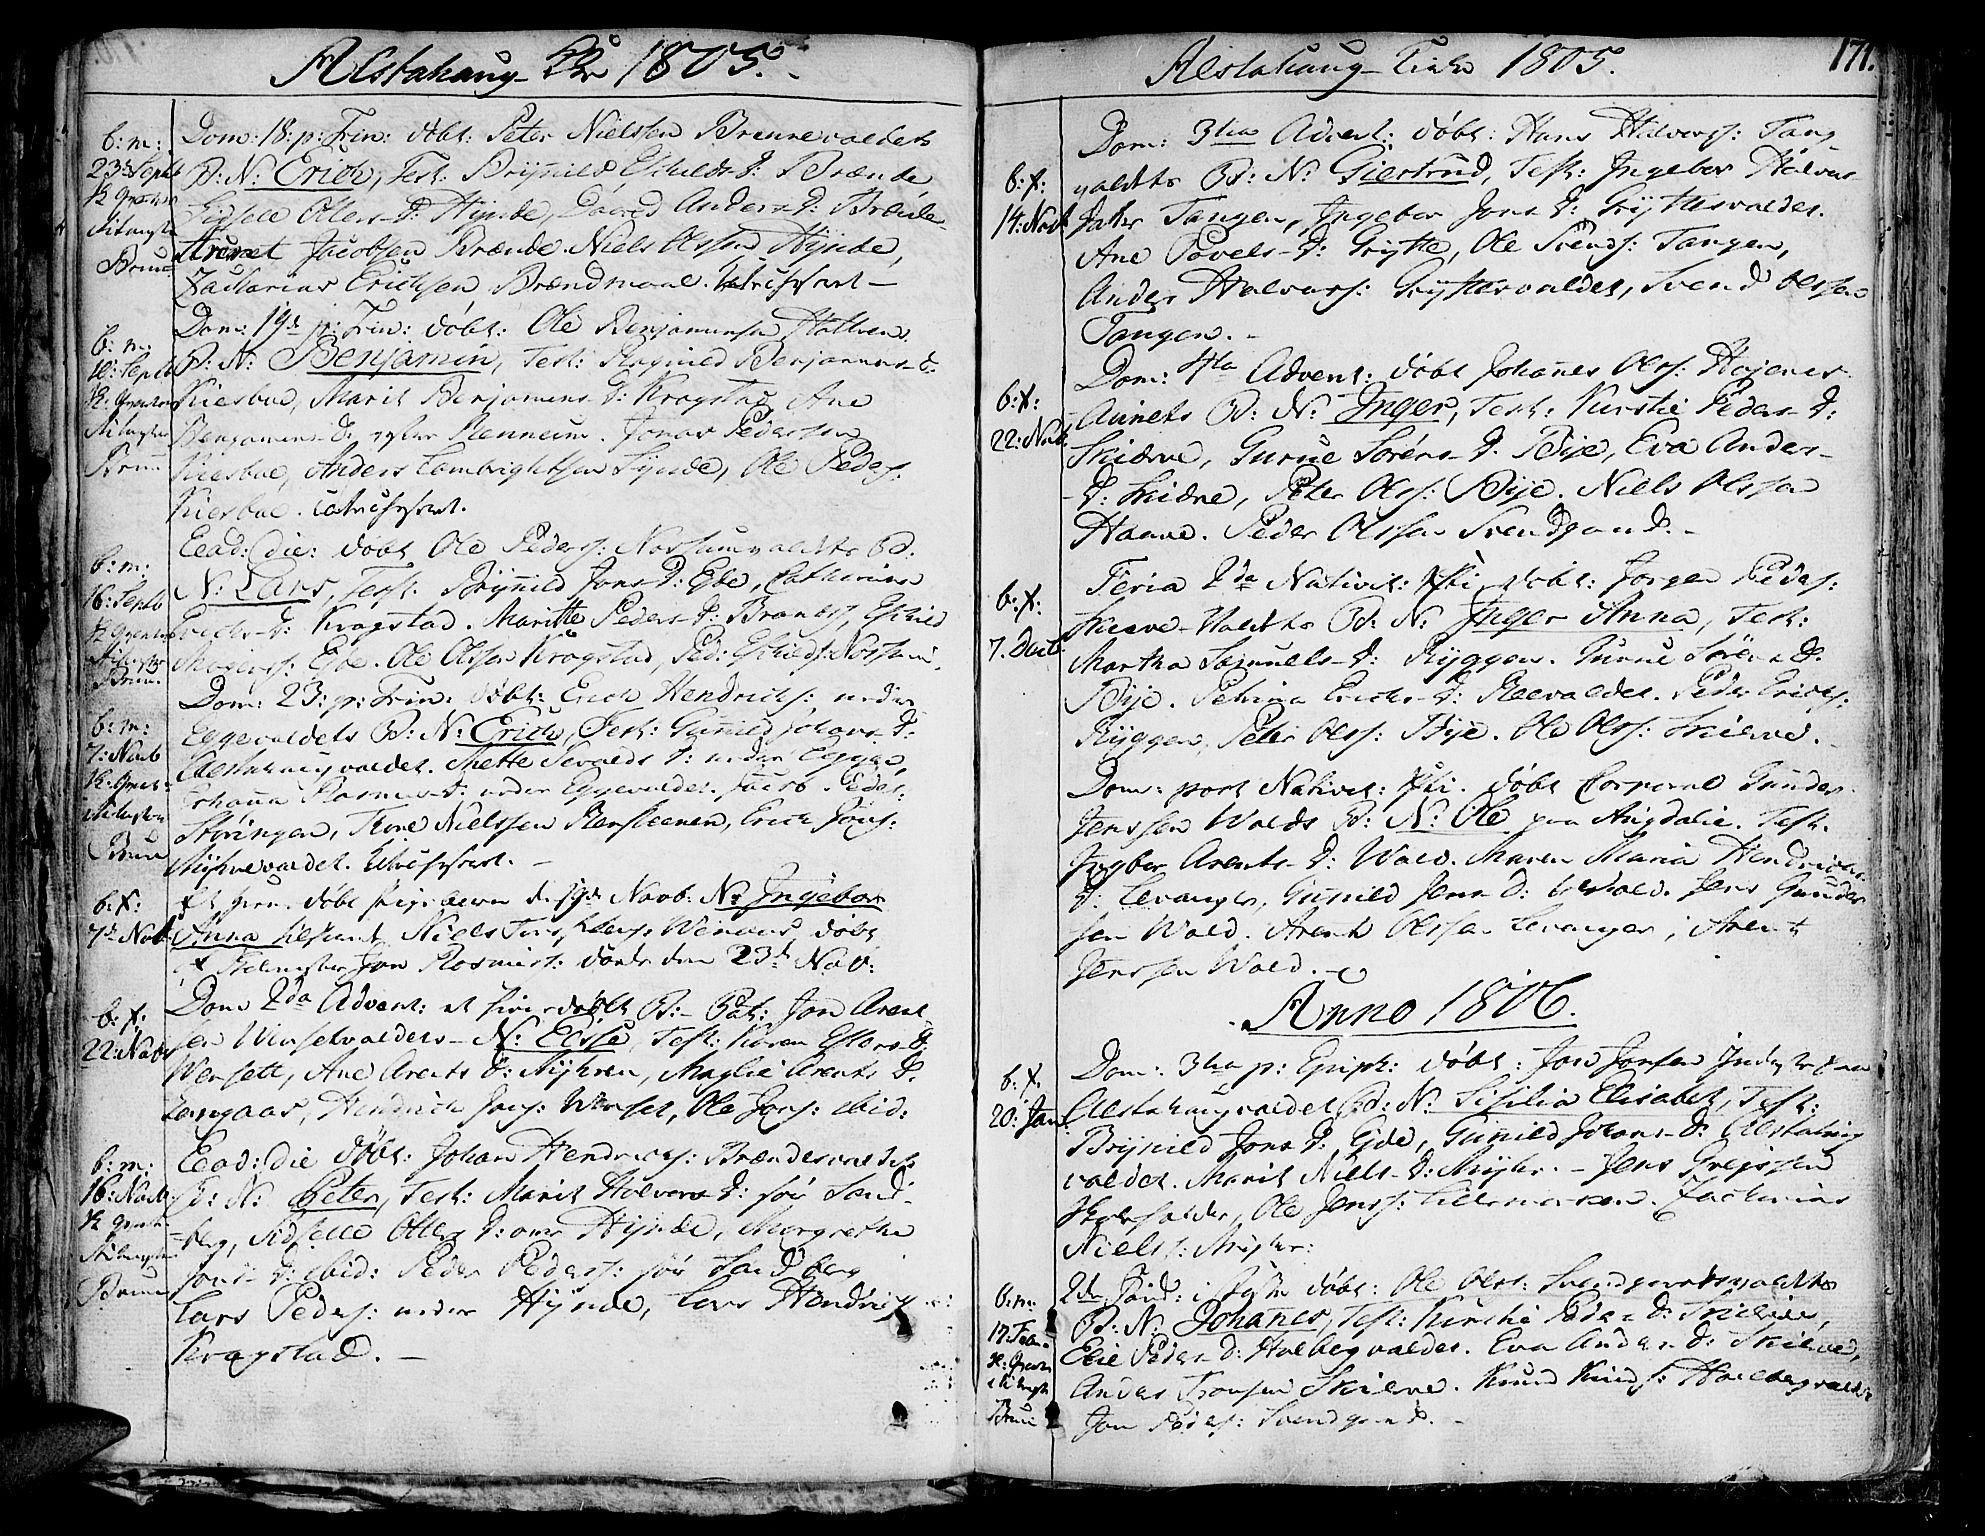 SAT, Ministerialprotokoller, klokkerbøker og fødselsregistre - Nord-Trøndelag, 717/L0142: Ministerialbok nr. 717A02 /1, 1783-1809, s. 171